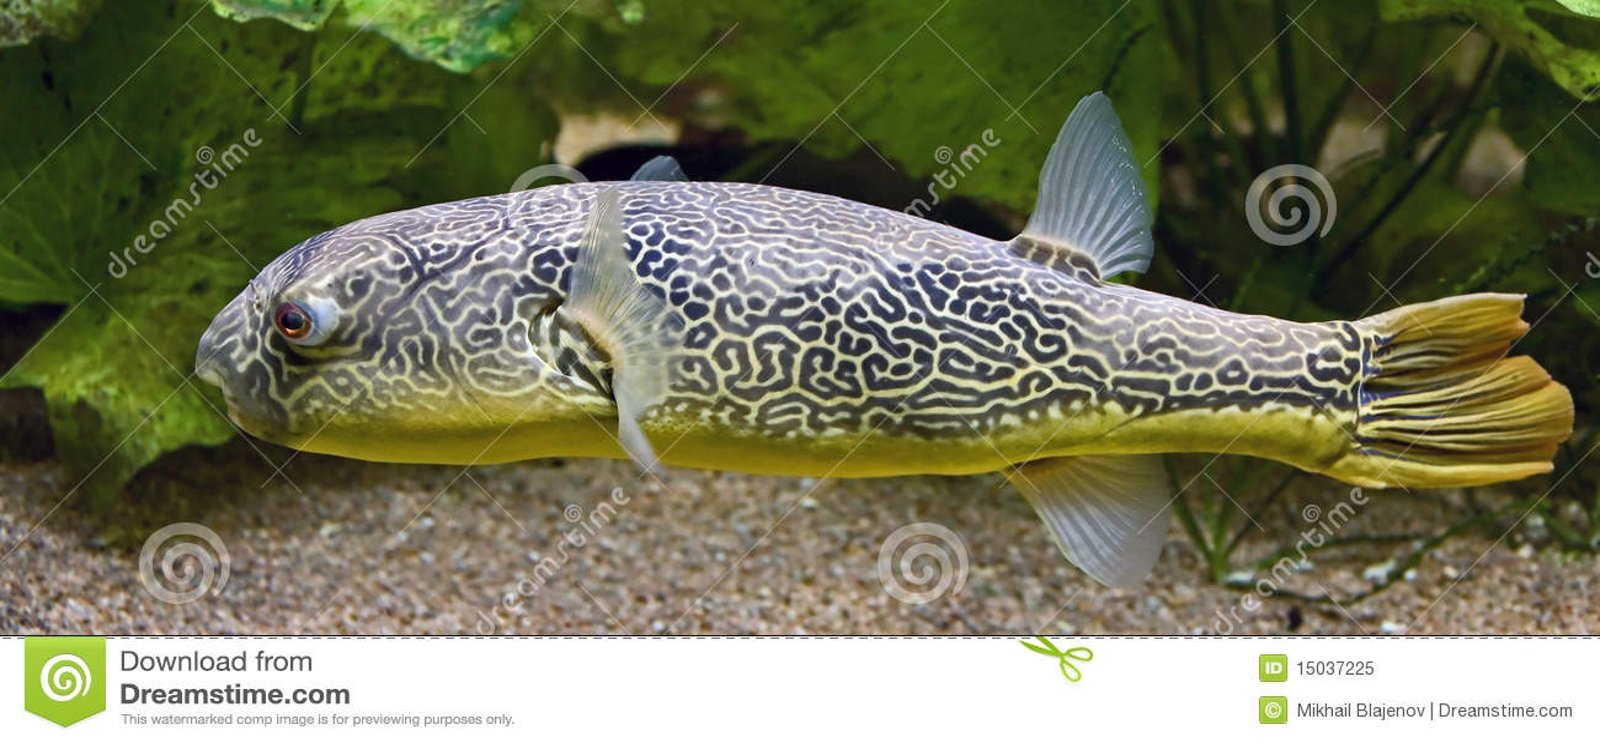 Pesce palla d 39 acqua dolce 3 immagine stock immagine di for Pesce pulitore acqua dolce fredda